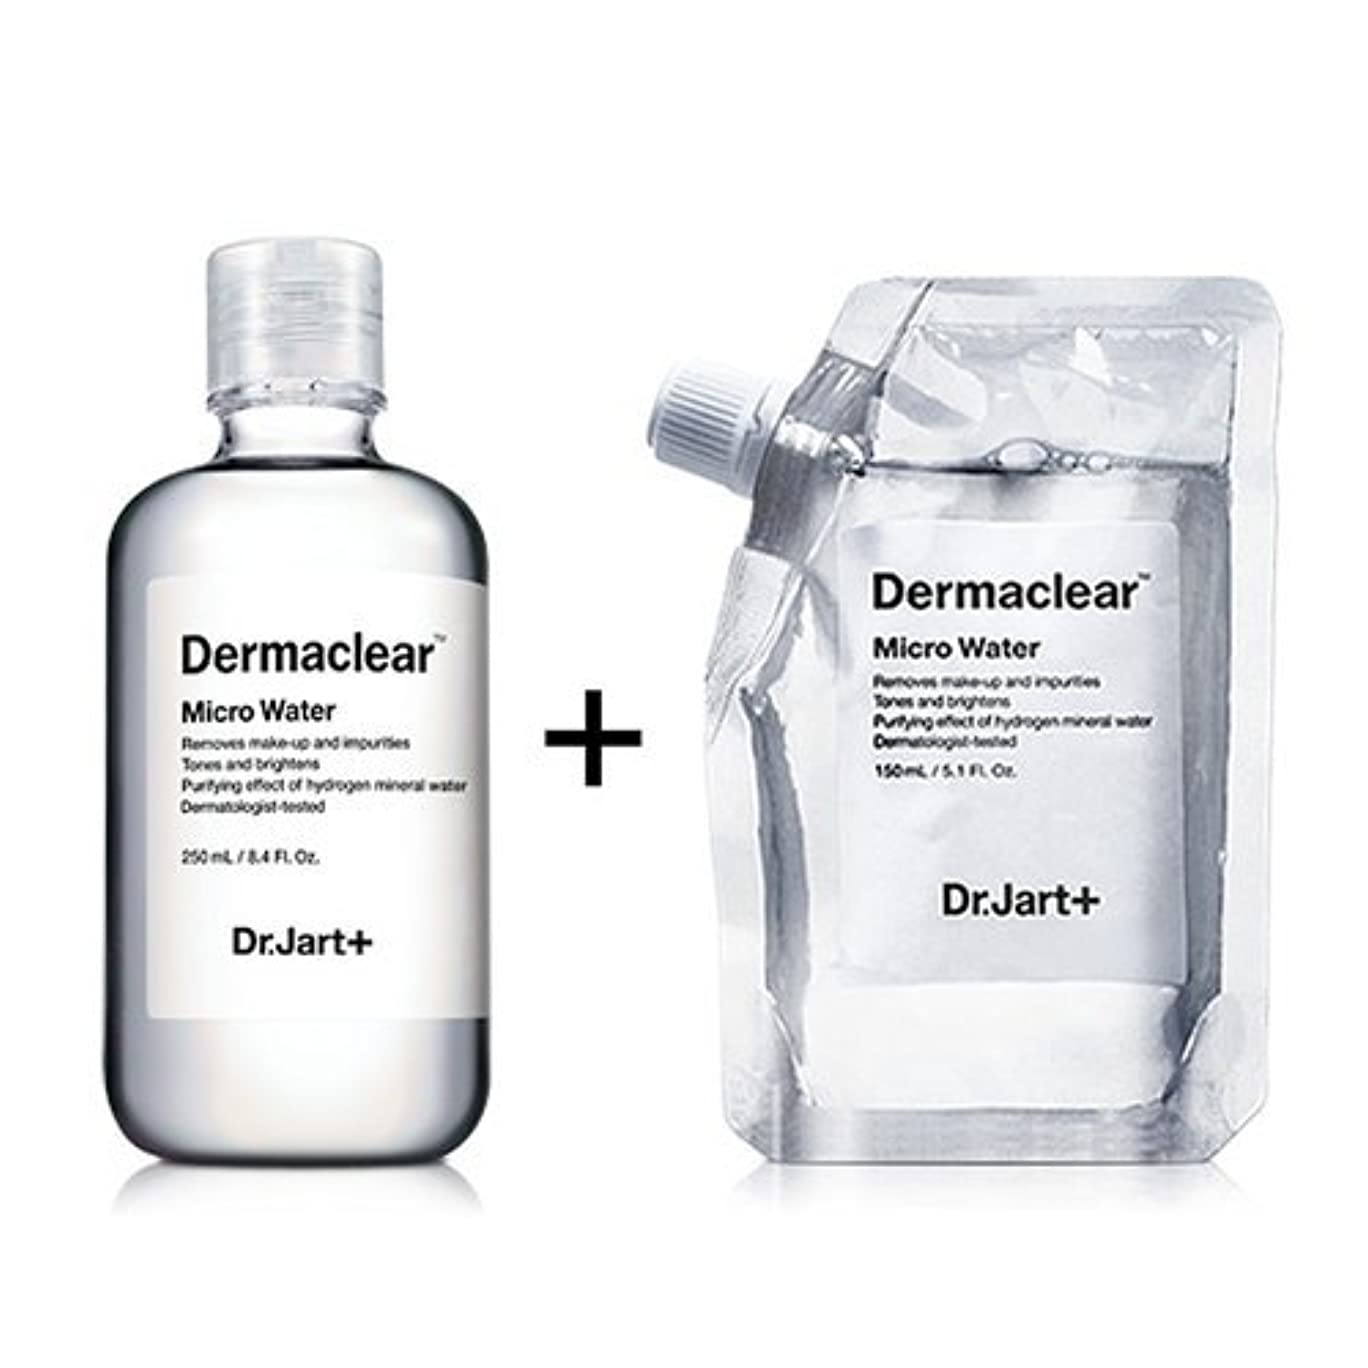 今日鉛農村ドクタージャルト[韓国コスメ Dr.Jart+]ダーマクリア マイクロ ウォーター250ml+150ml(リフィル) [Dr.Jart+]Dermaclear Micro Water (250ml+150ml)